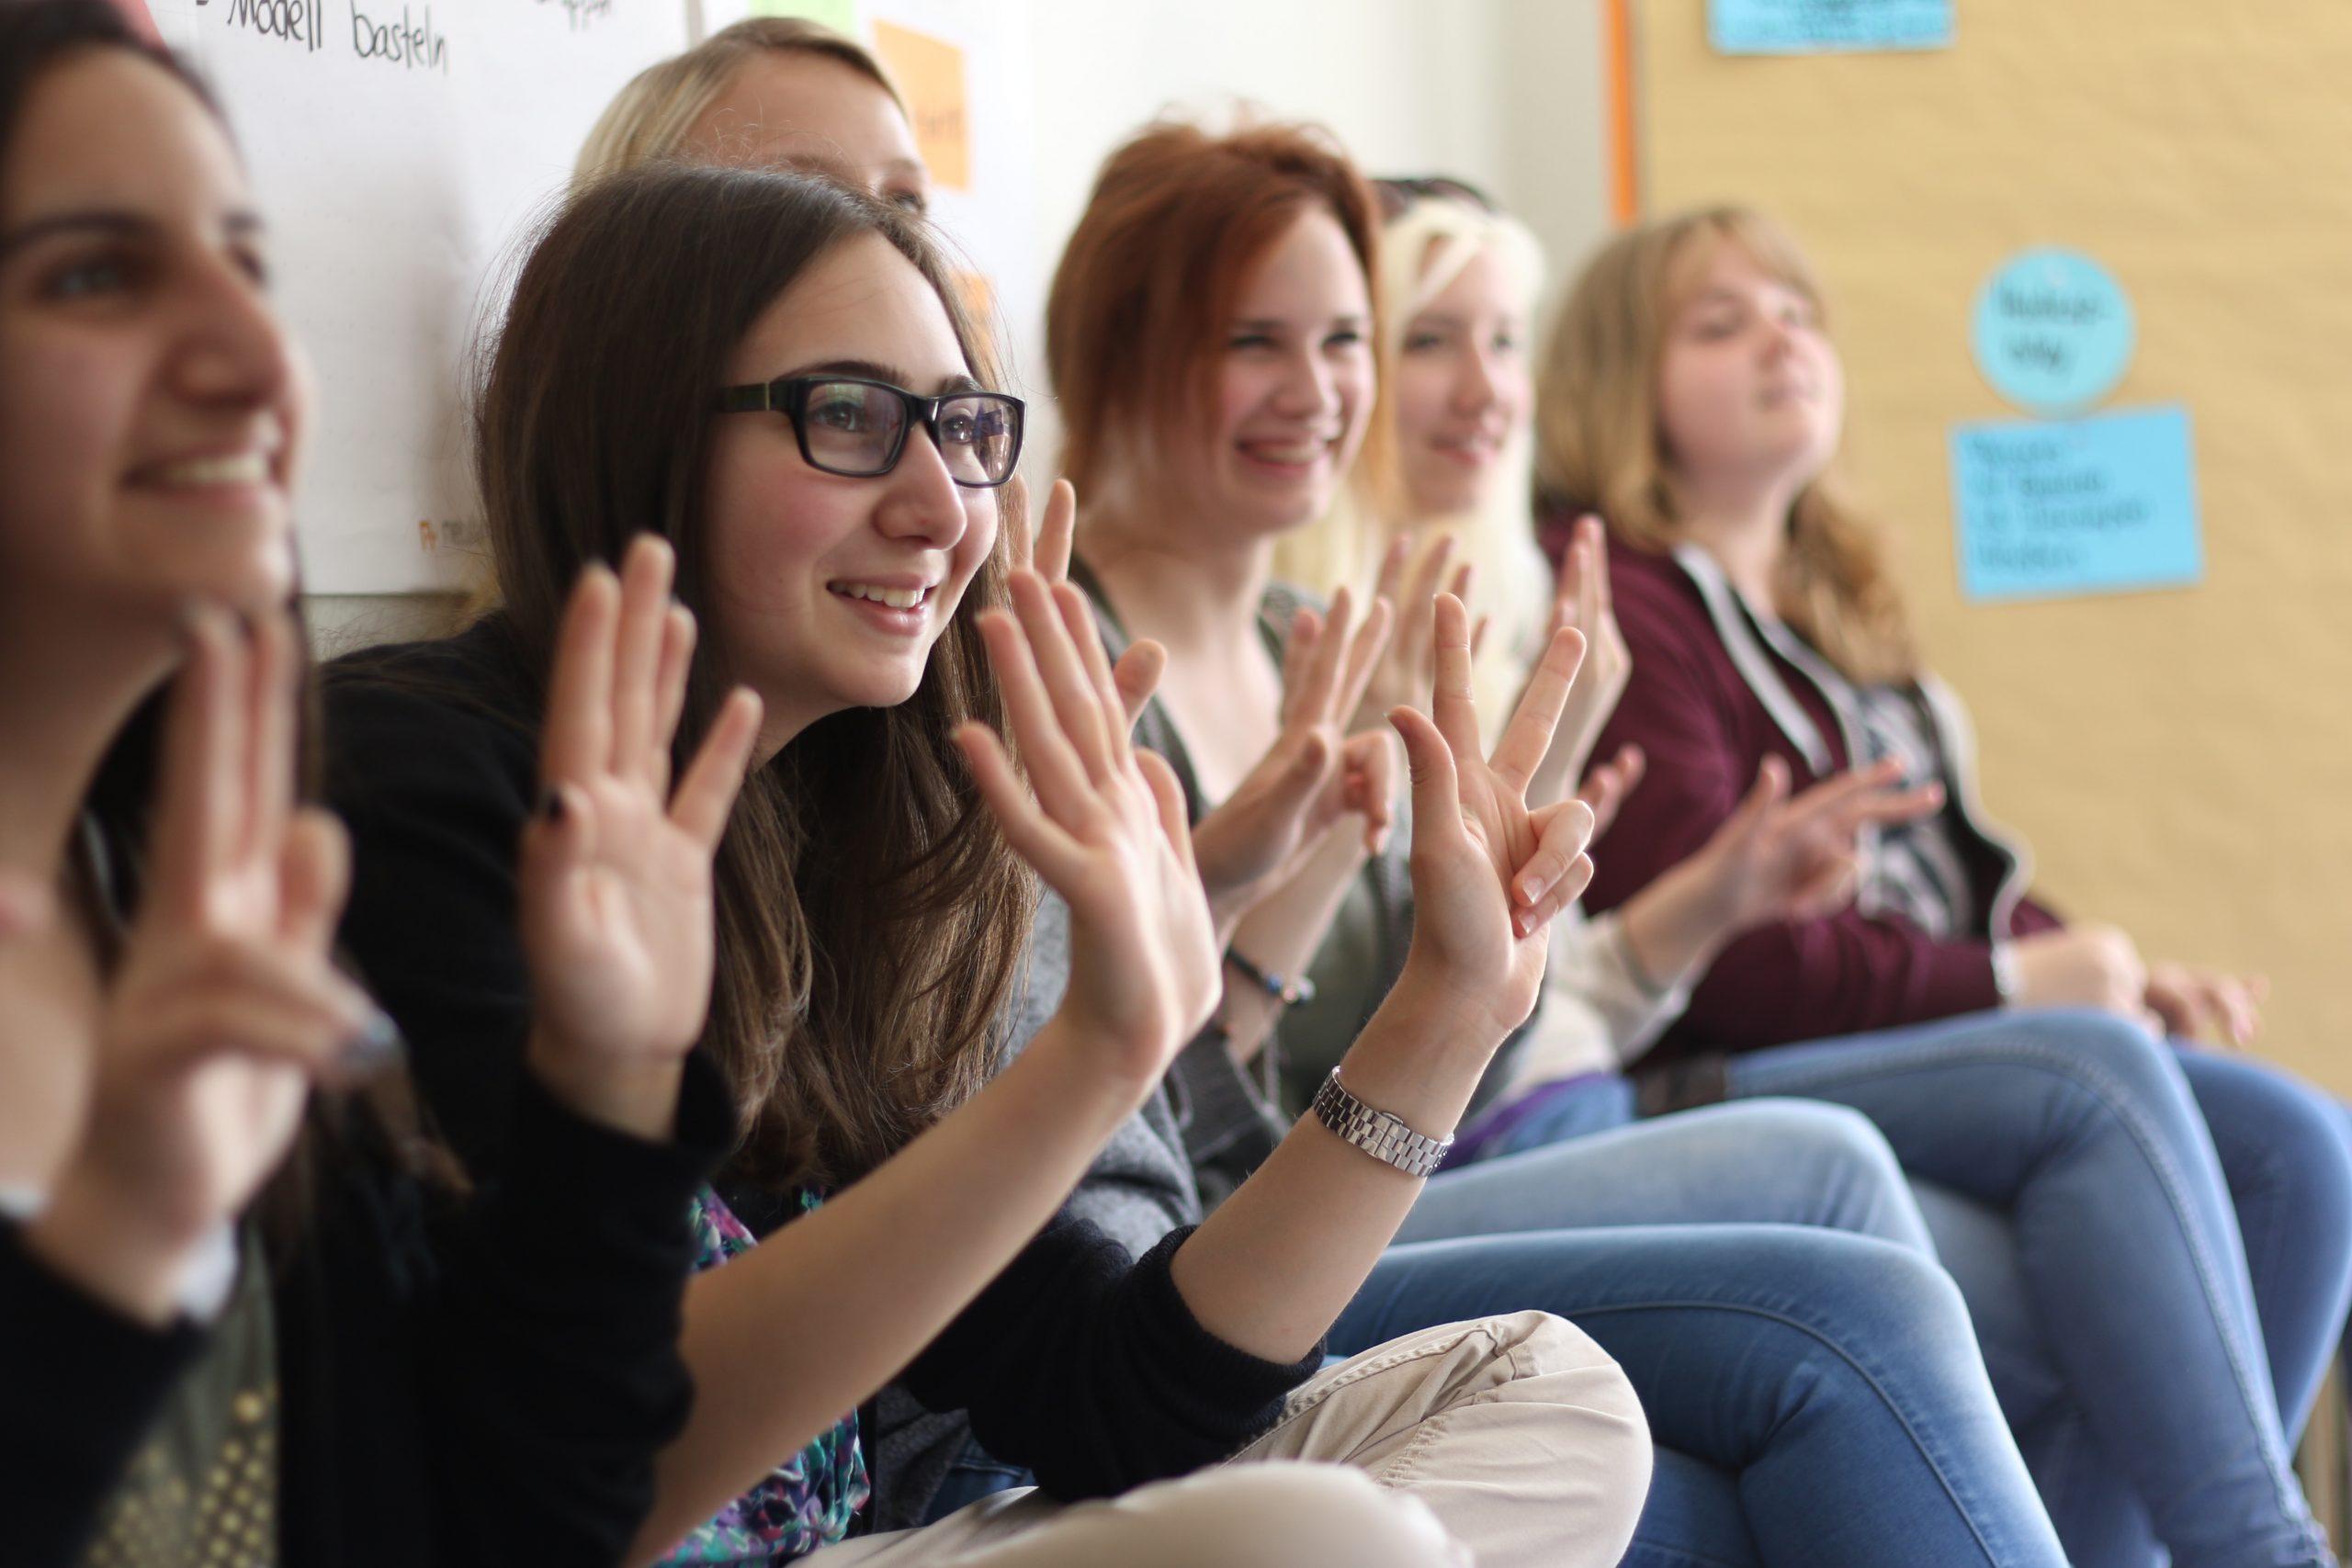 5 Menschen sitzen nebeneinander, lachen und heben die Hände um sich zu Wort zu melden.